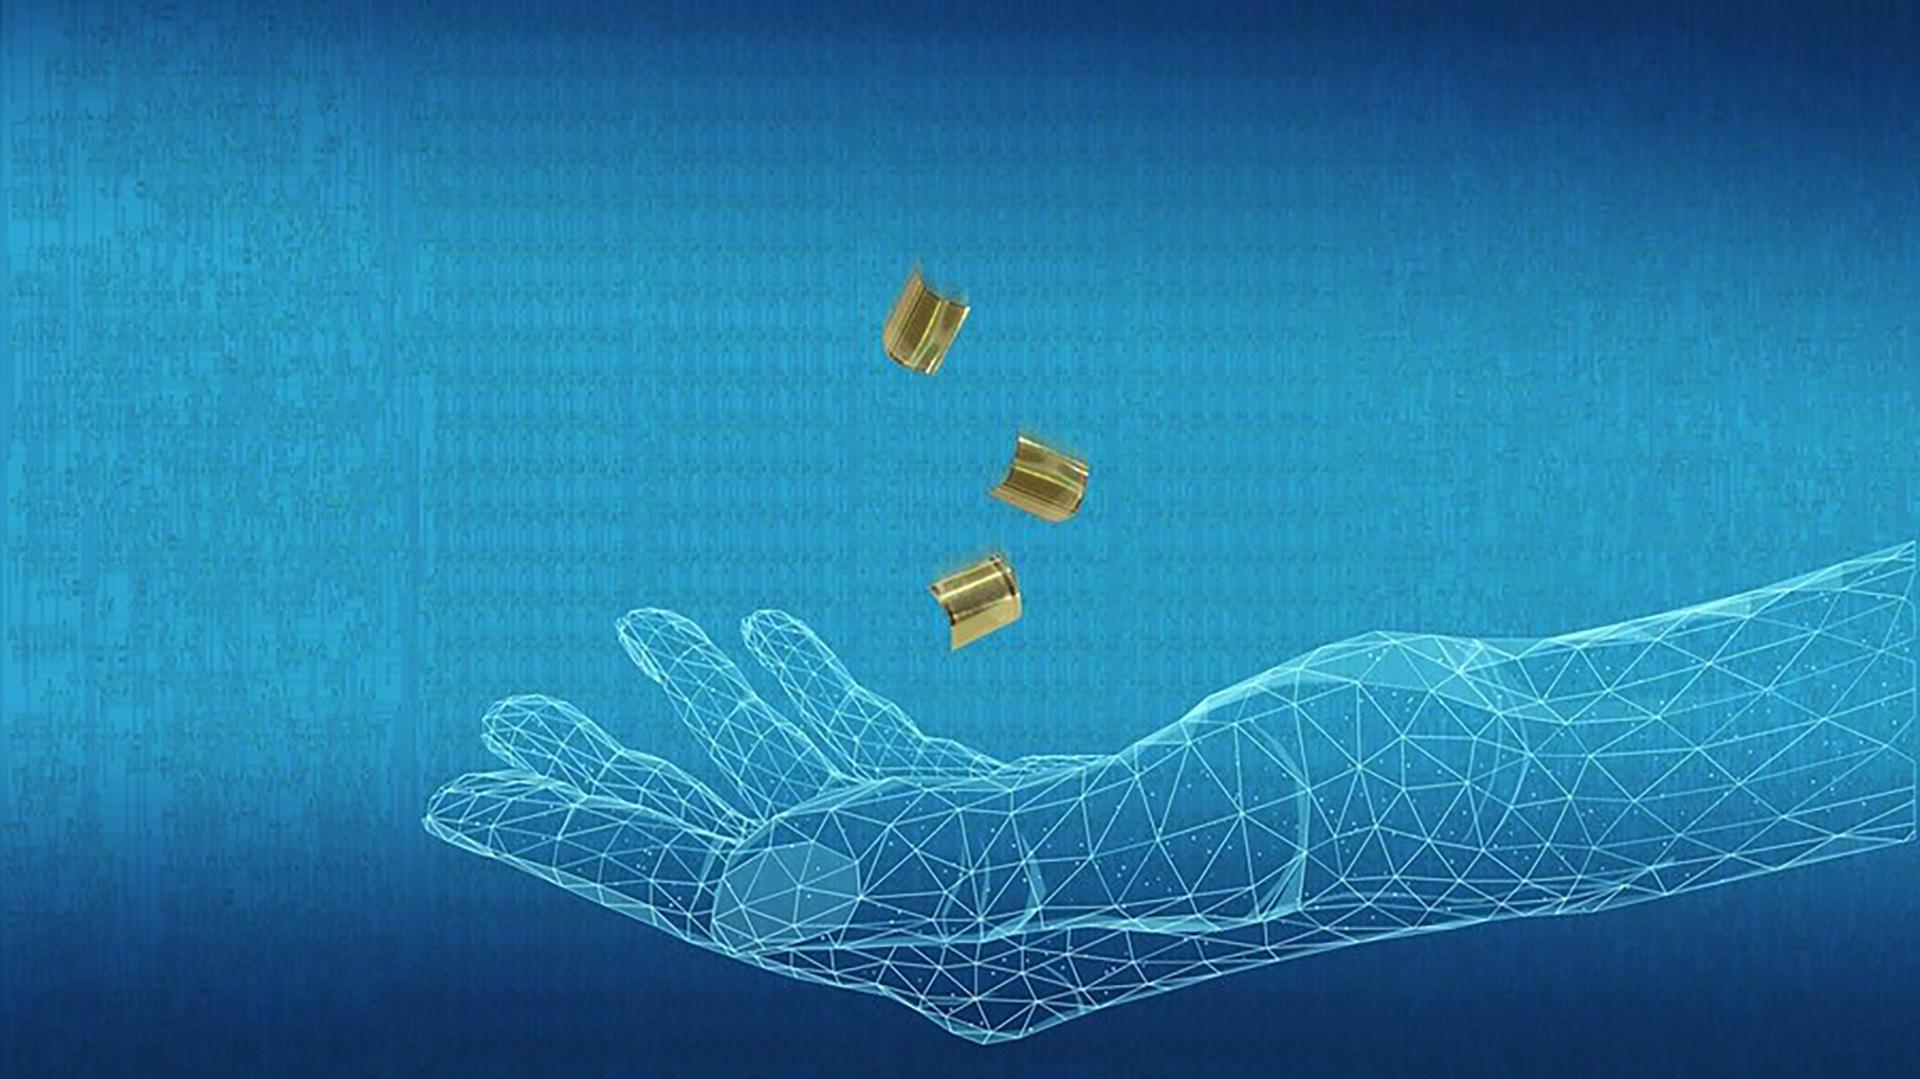 arm plastic chip